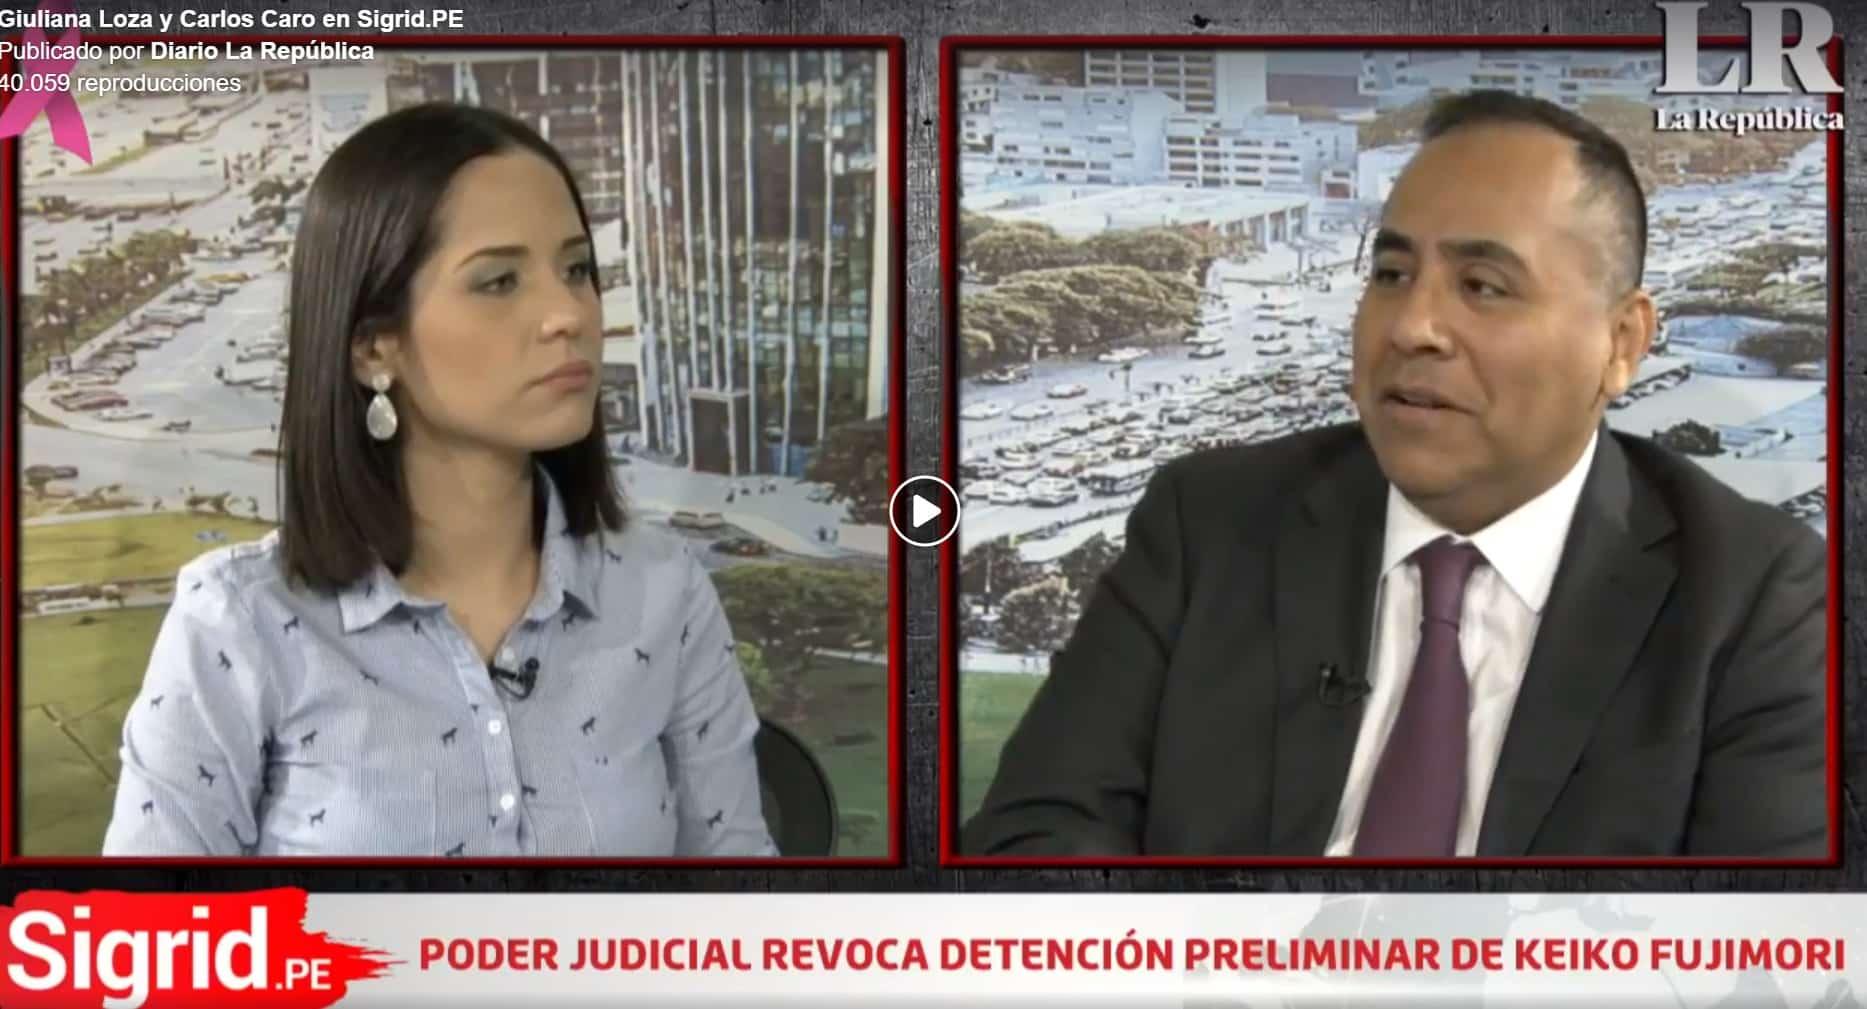 Entrevista ACarlos Caroen SigridPe DeDiario La República